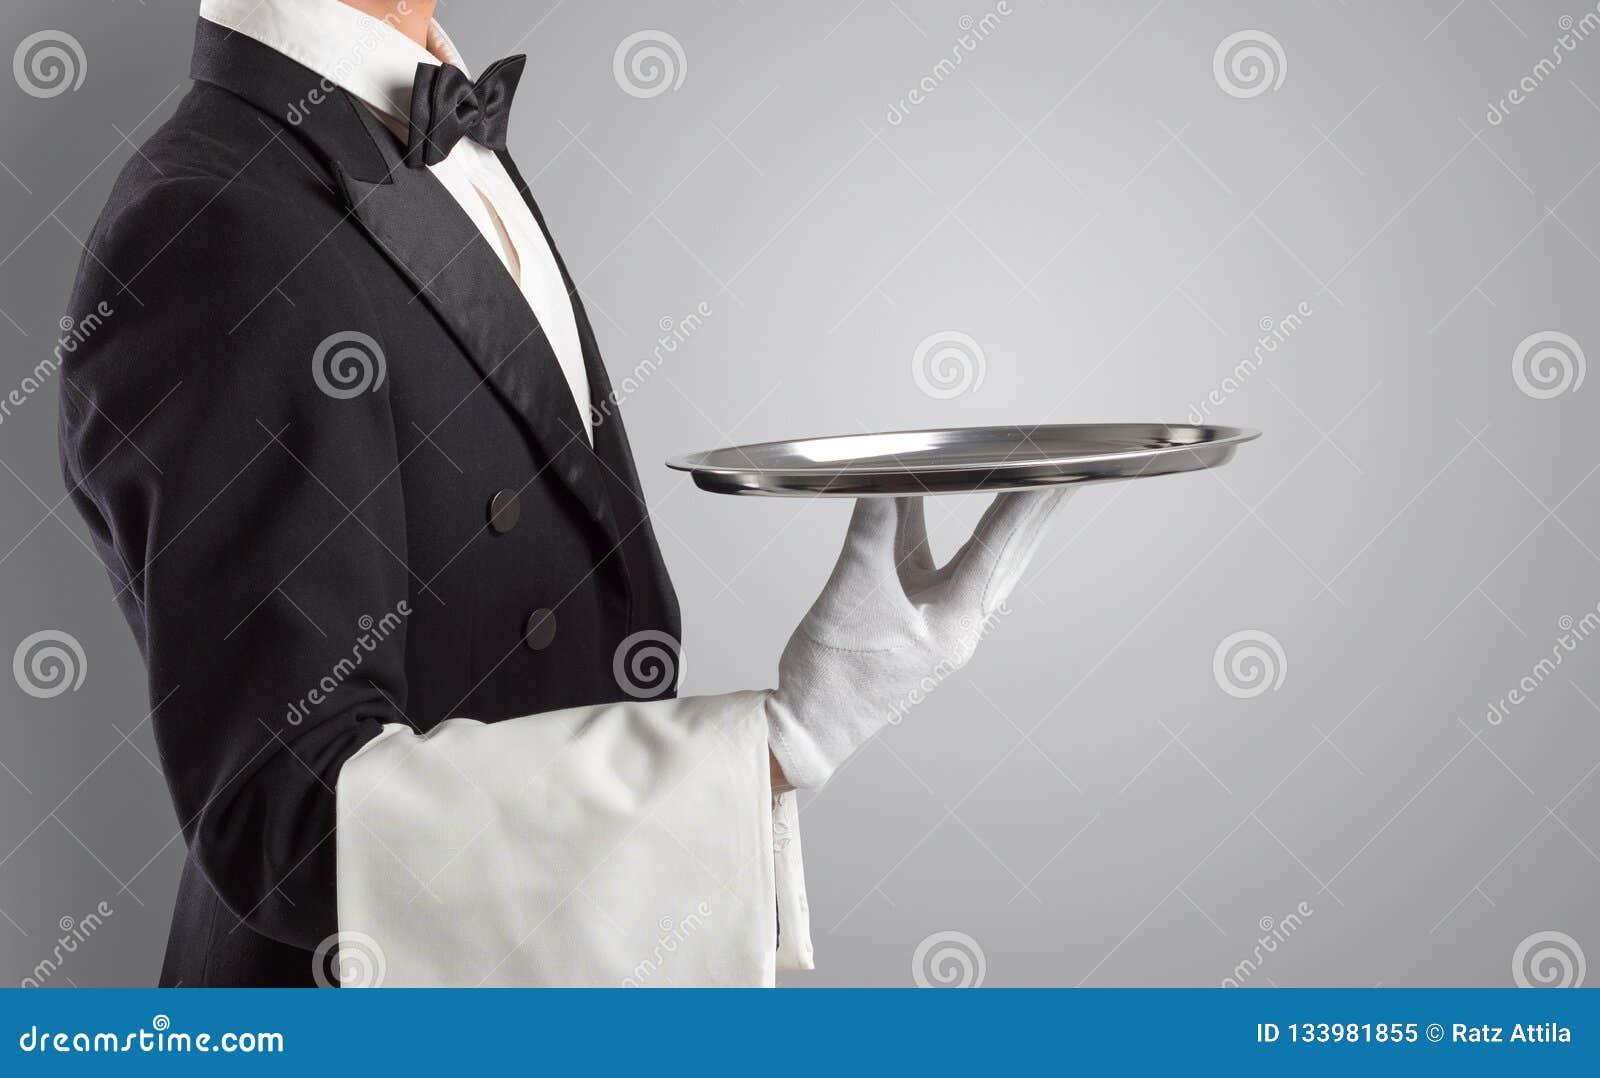 Portion de serveur avec les gants blancs et le plateau en acier